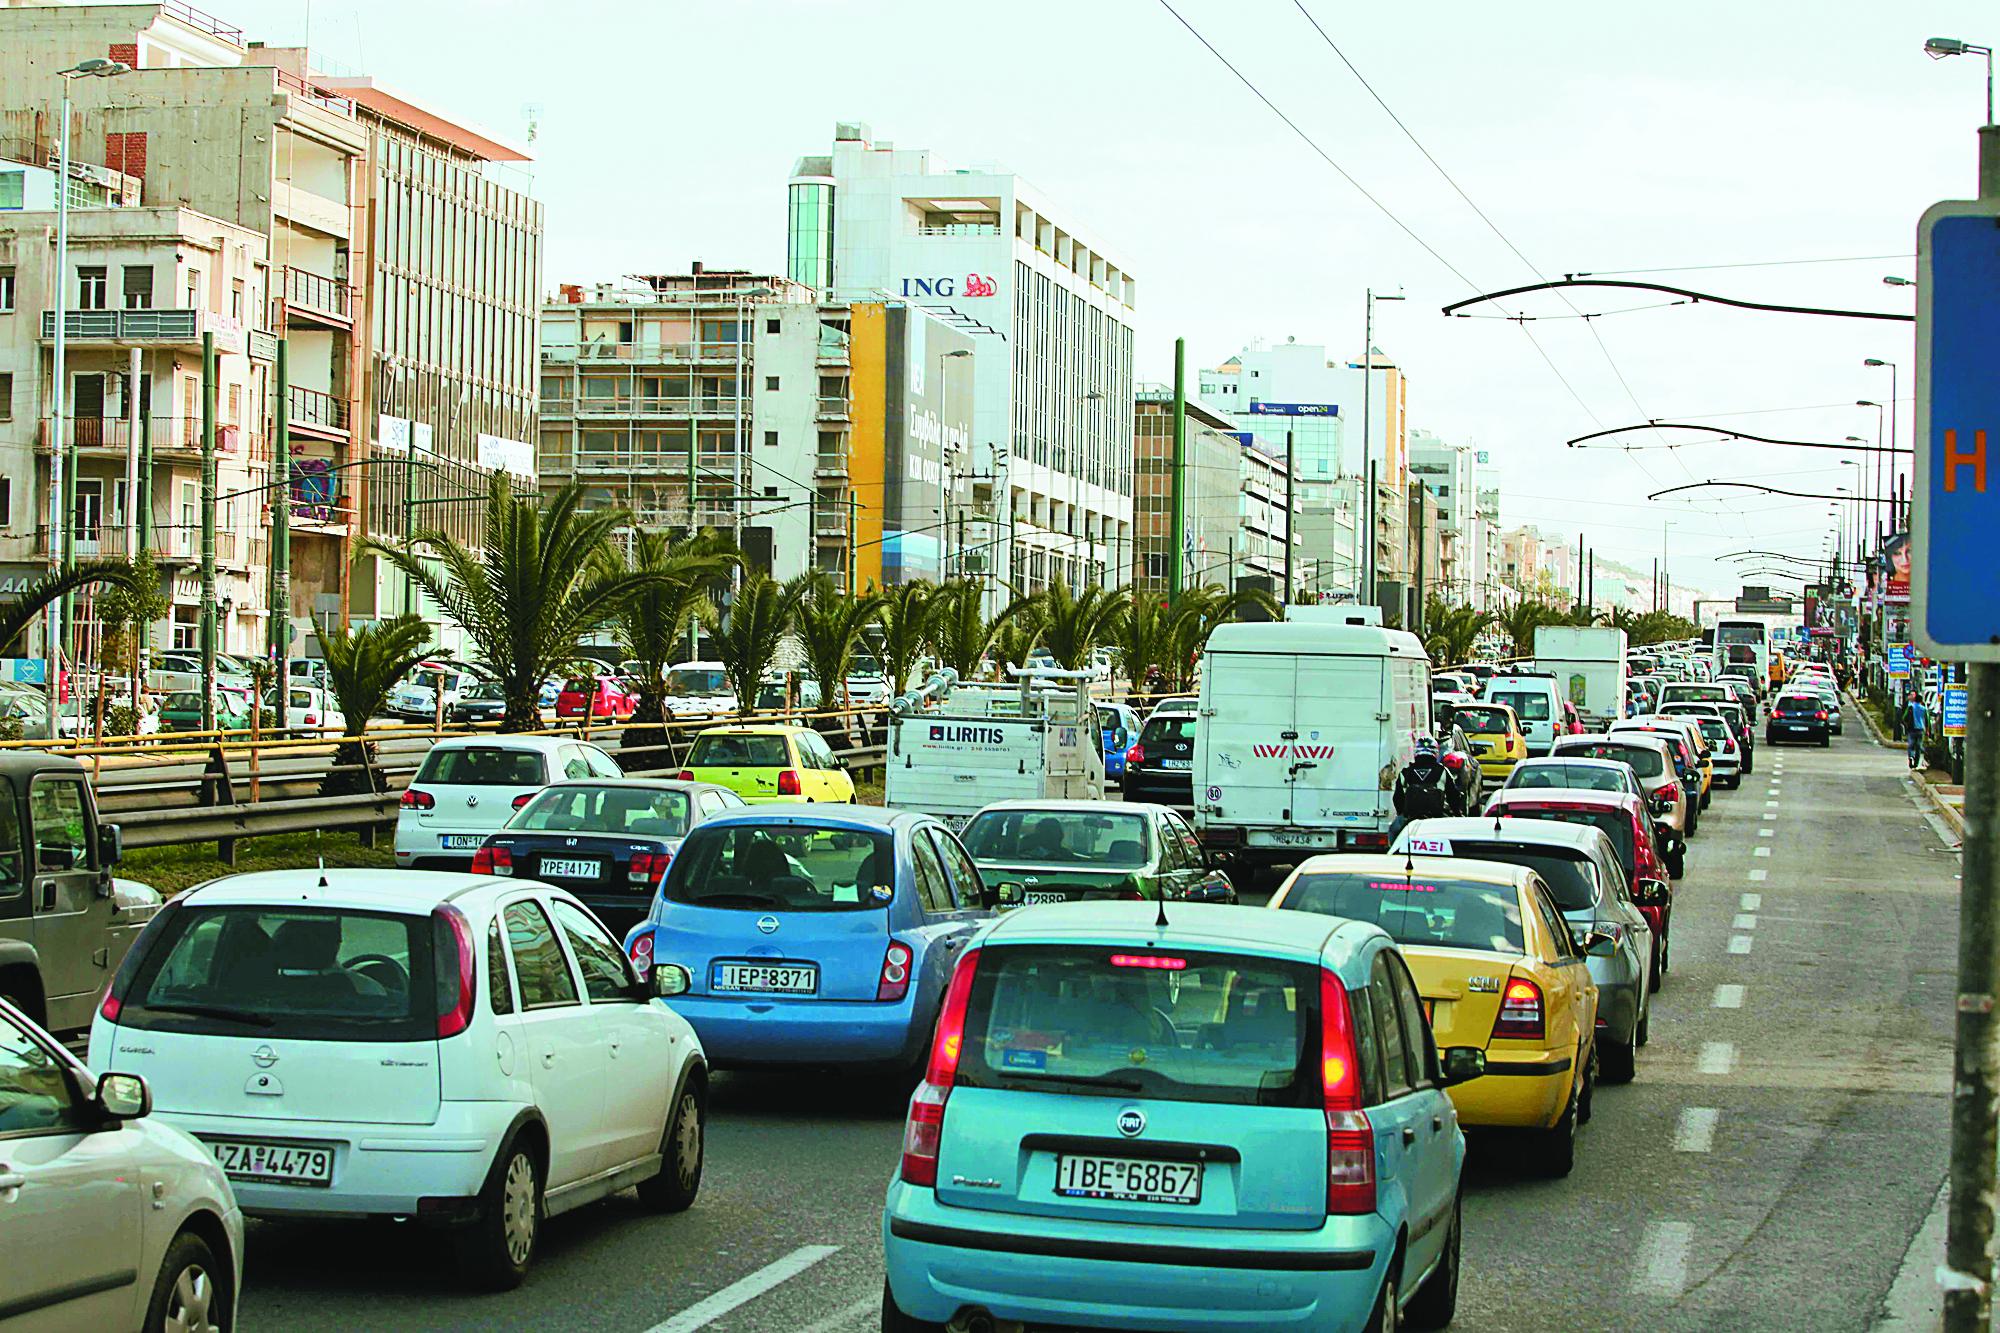 ΥΠΟΙΚ:Επιμένει σε 20ετή παραγραφή οφειλών από τέλη κυκλοφορίας | tovima.gr